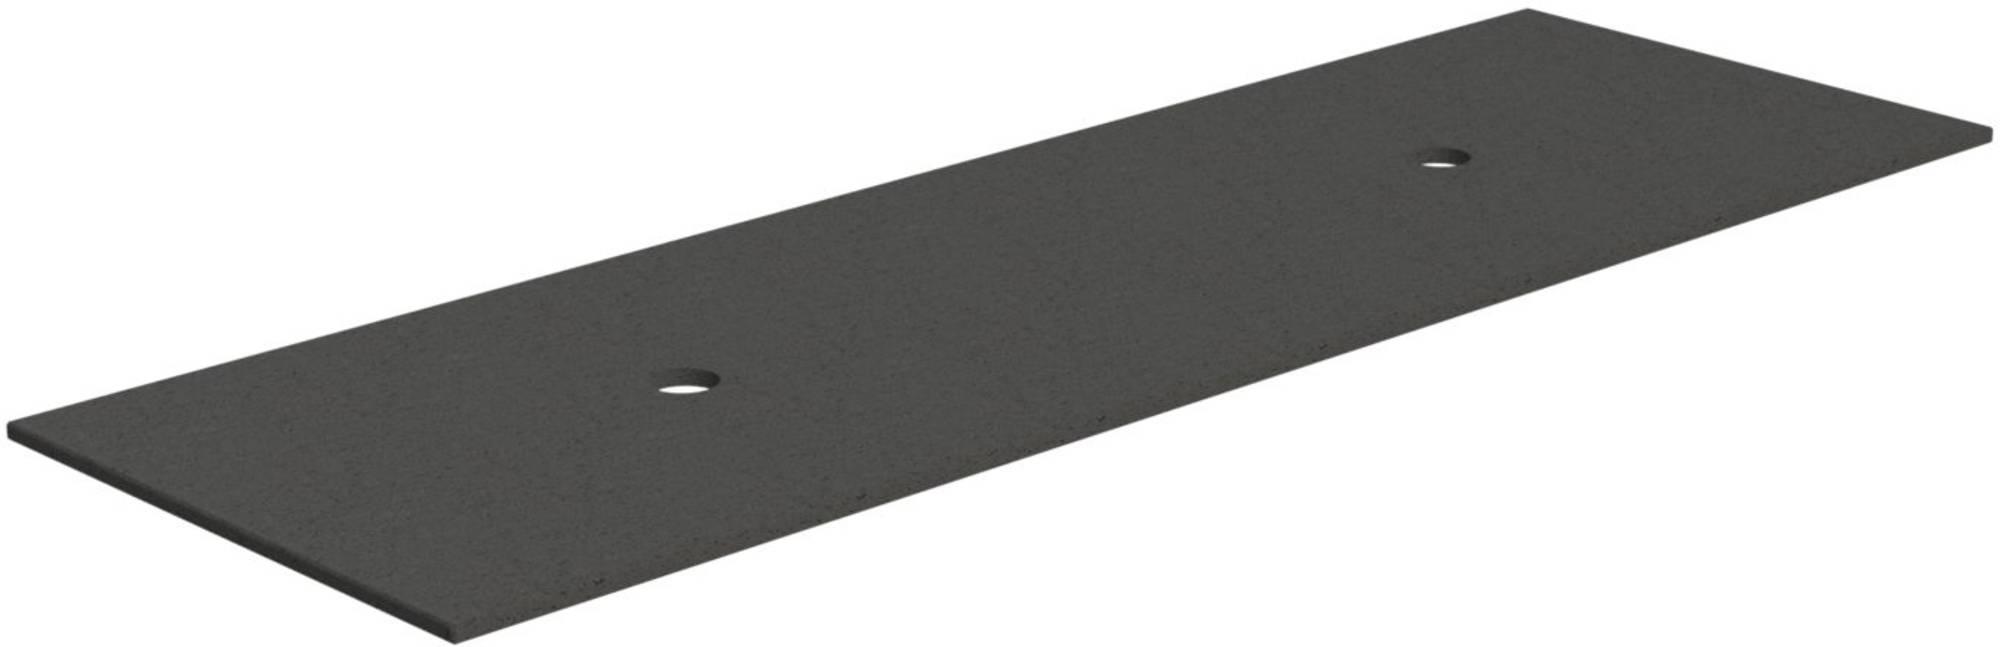 Thebalux Afdekblad HPL 201x46x3,8 cm Nebraska Eiken